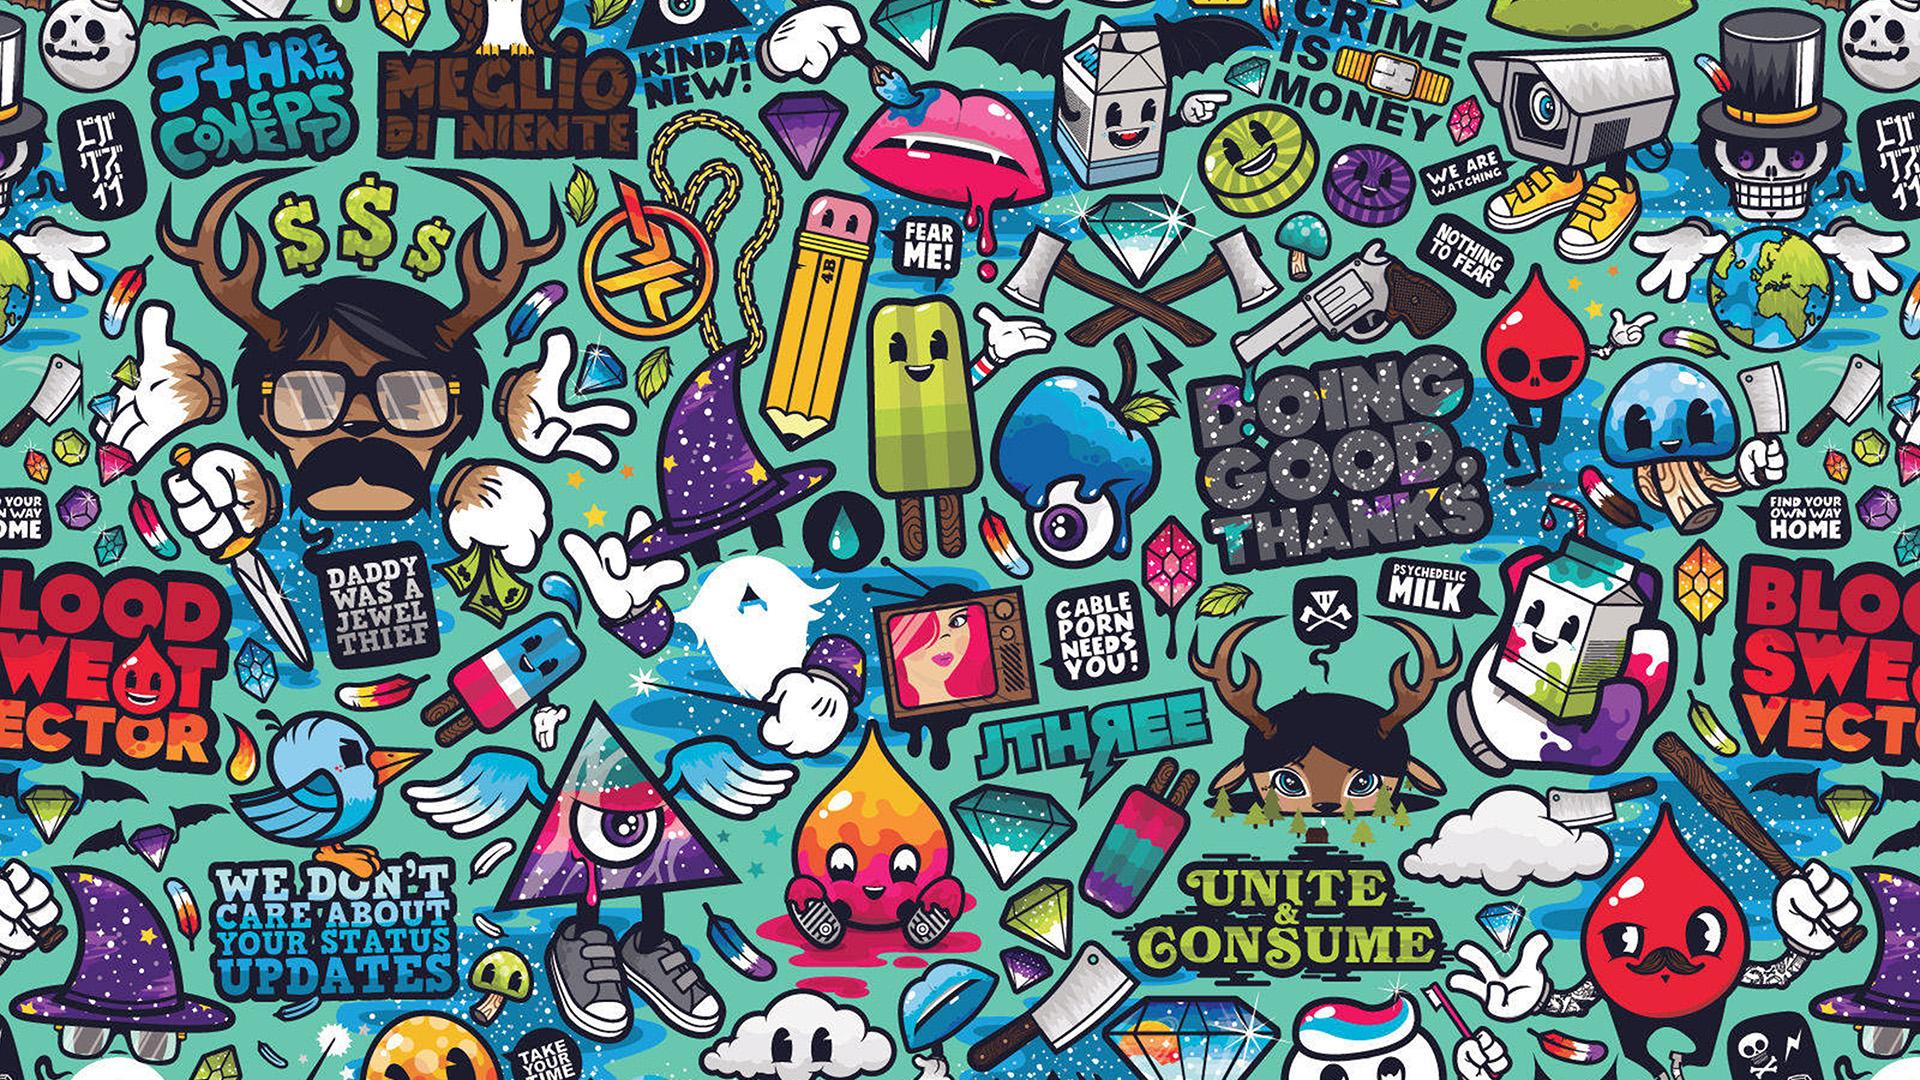 Gravity Falls Iphone 7 Plus Wallpaper Aq61 Art Work Pattern Illustration Graffiti Wallpaper